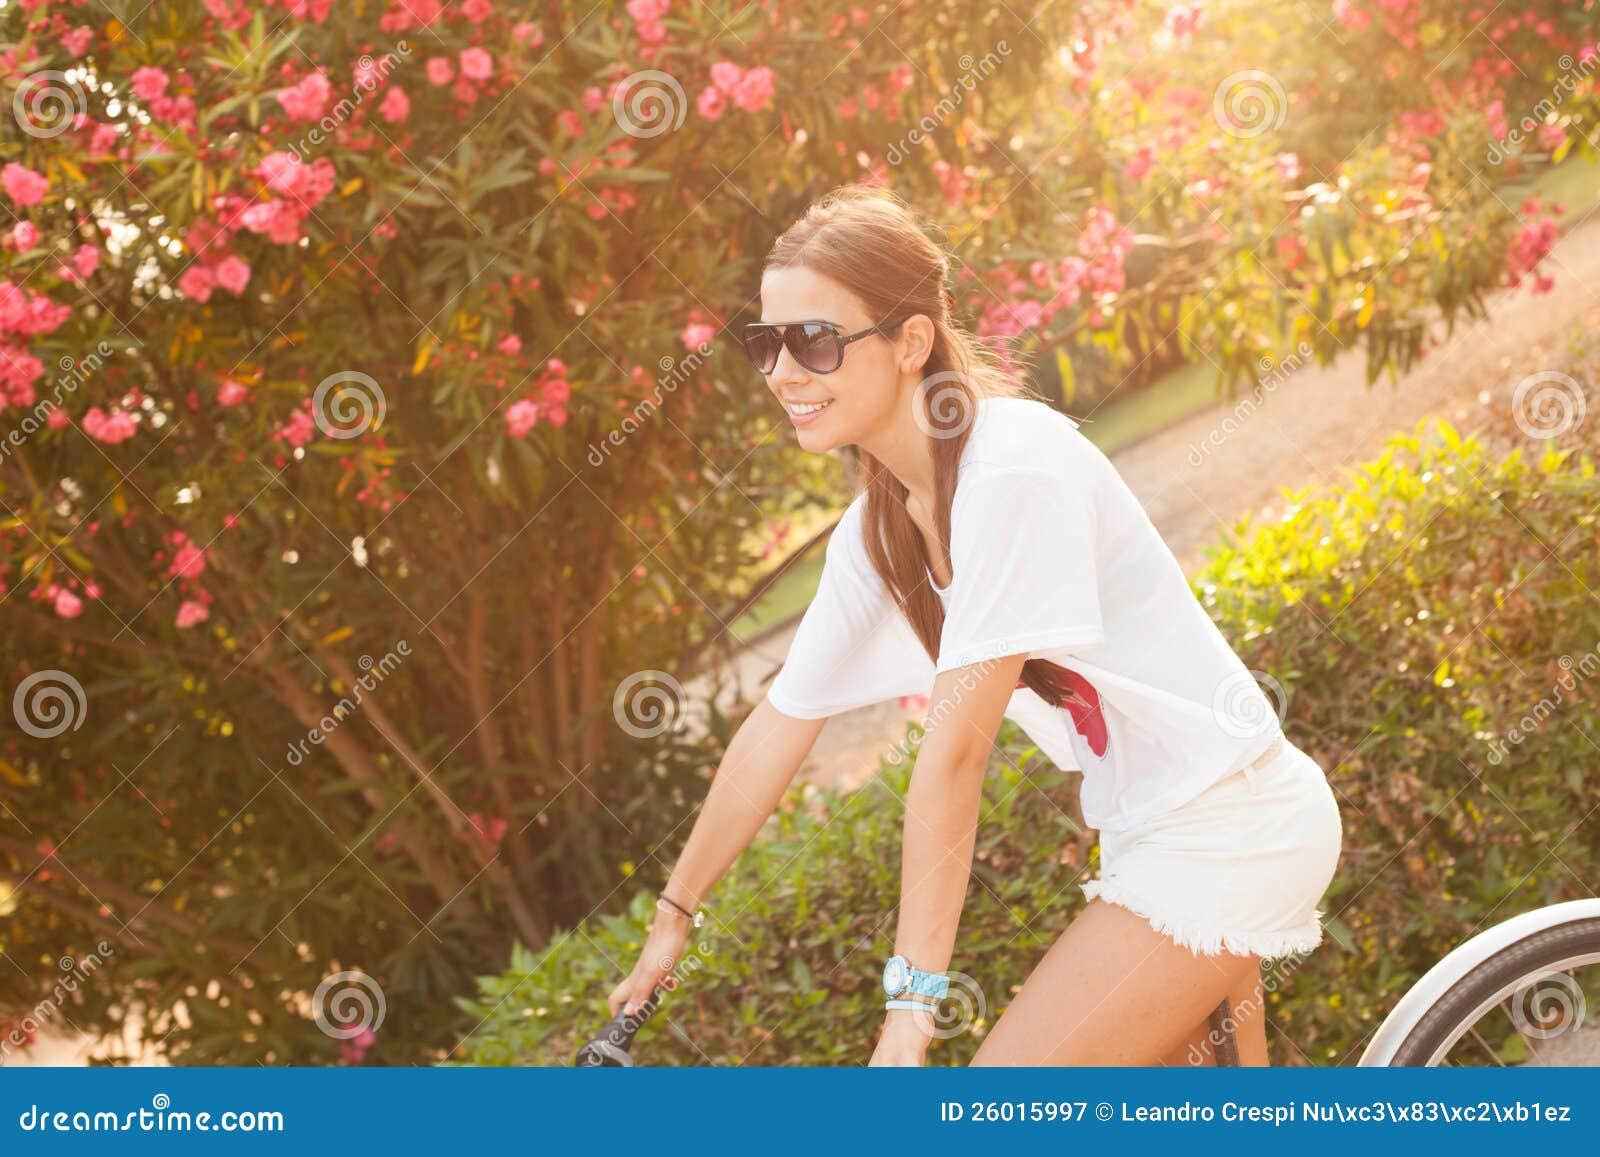 在夏天的新美好的妇女骑马bicicle